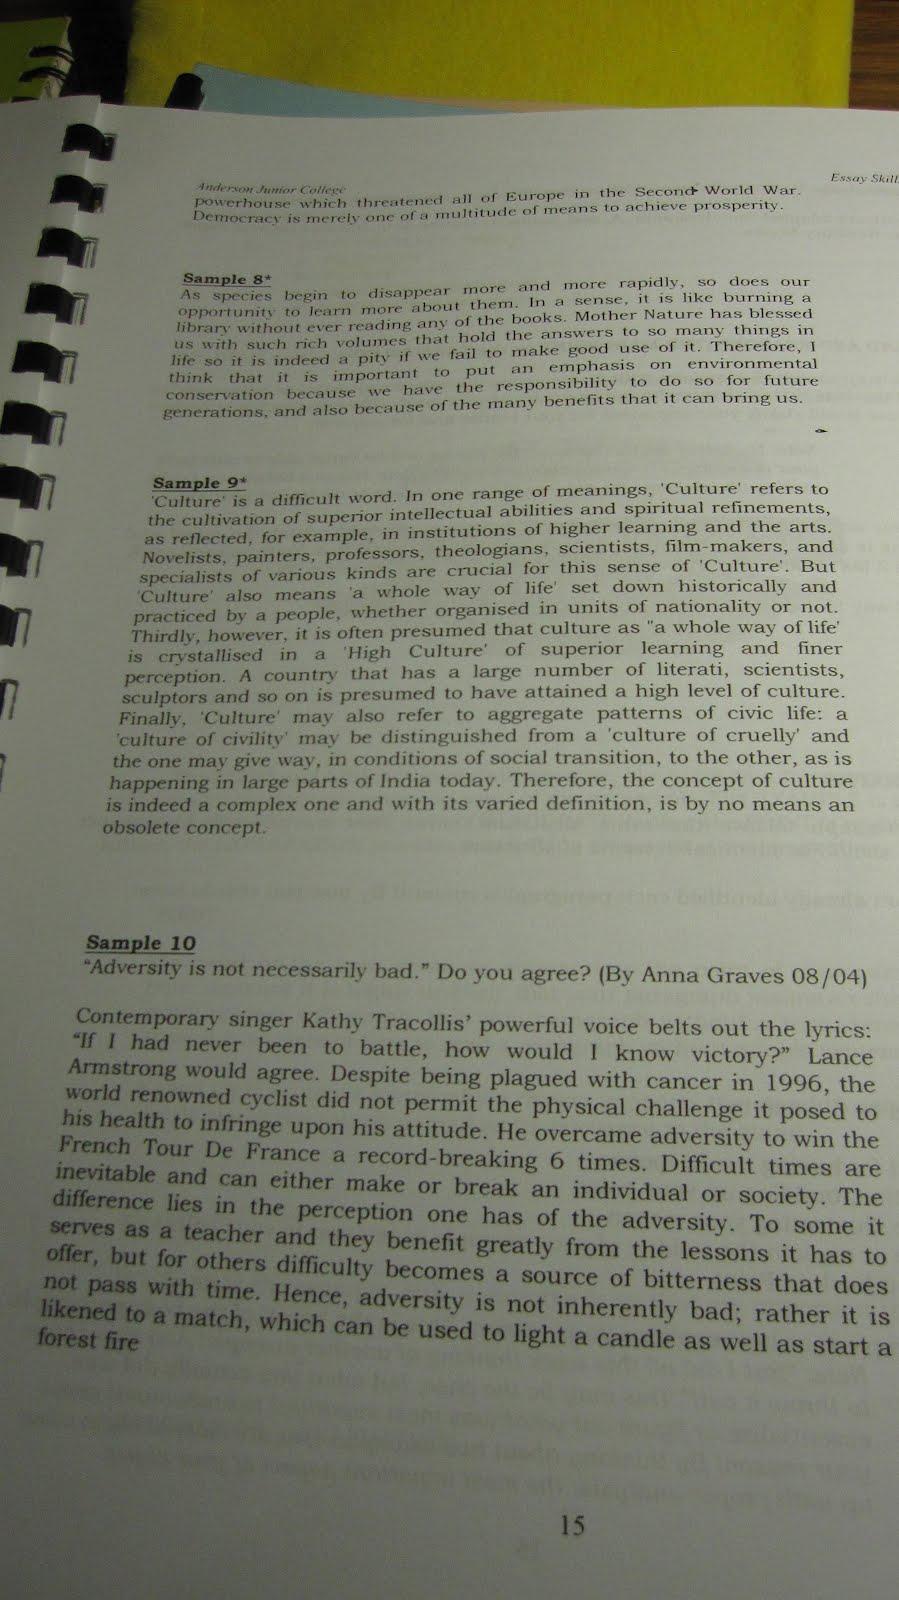 gp essay questions  essay questions general paper 2010 gp essay questions